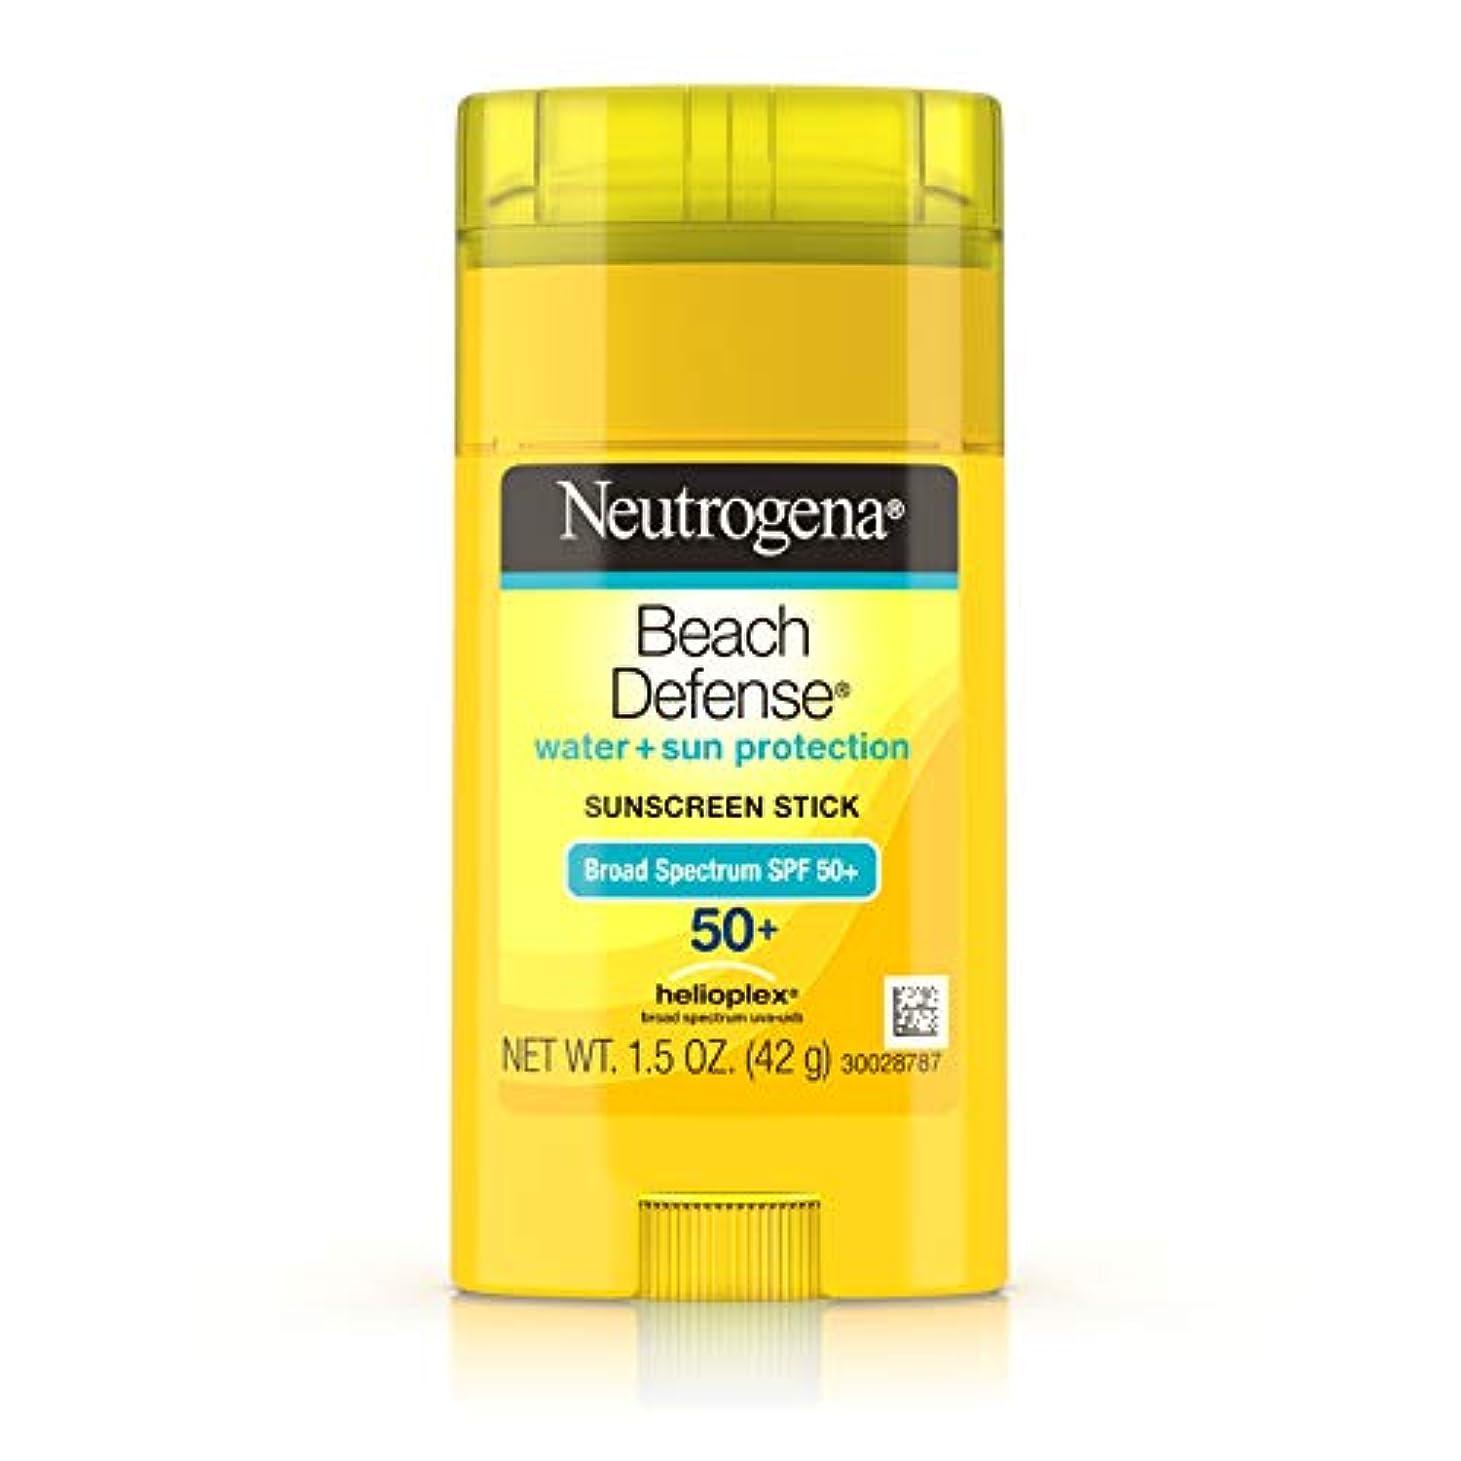 ストレス予測するシングルNeutrogena Sunscreen Beach Defense Sunblock Stick SPF 50, 1.5 Ounce